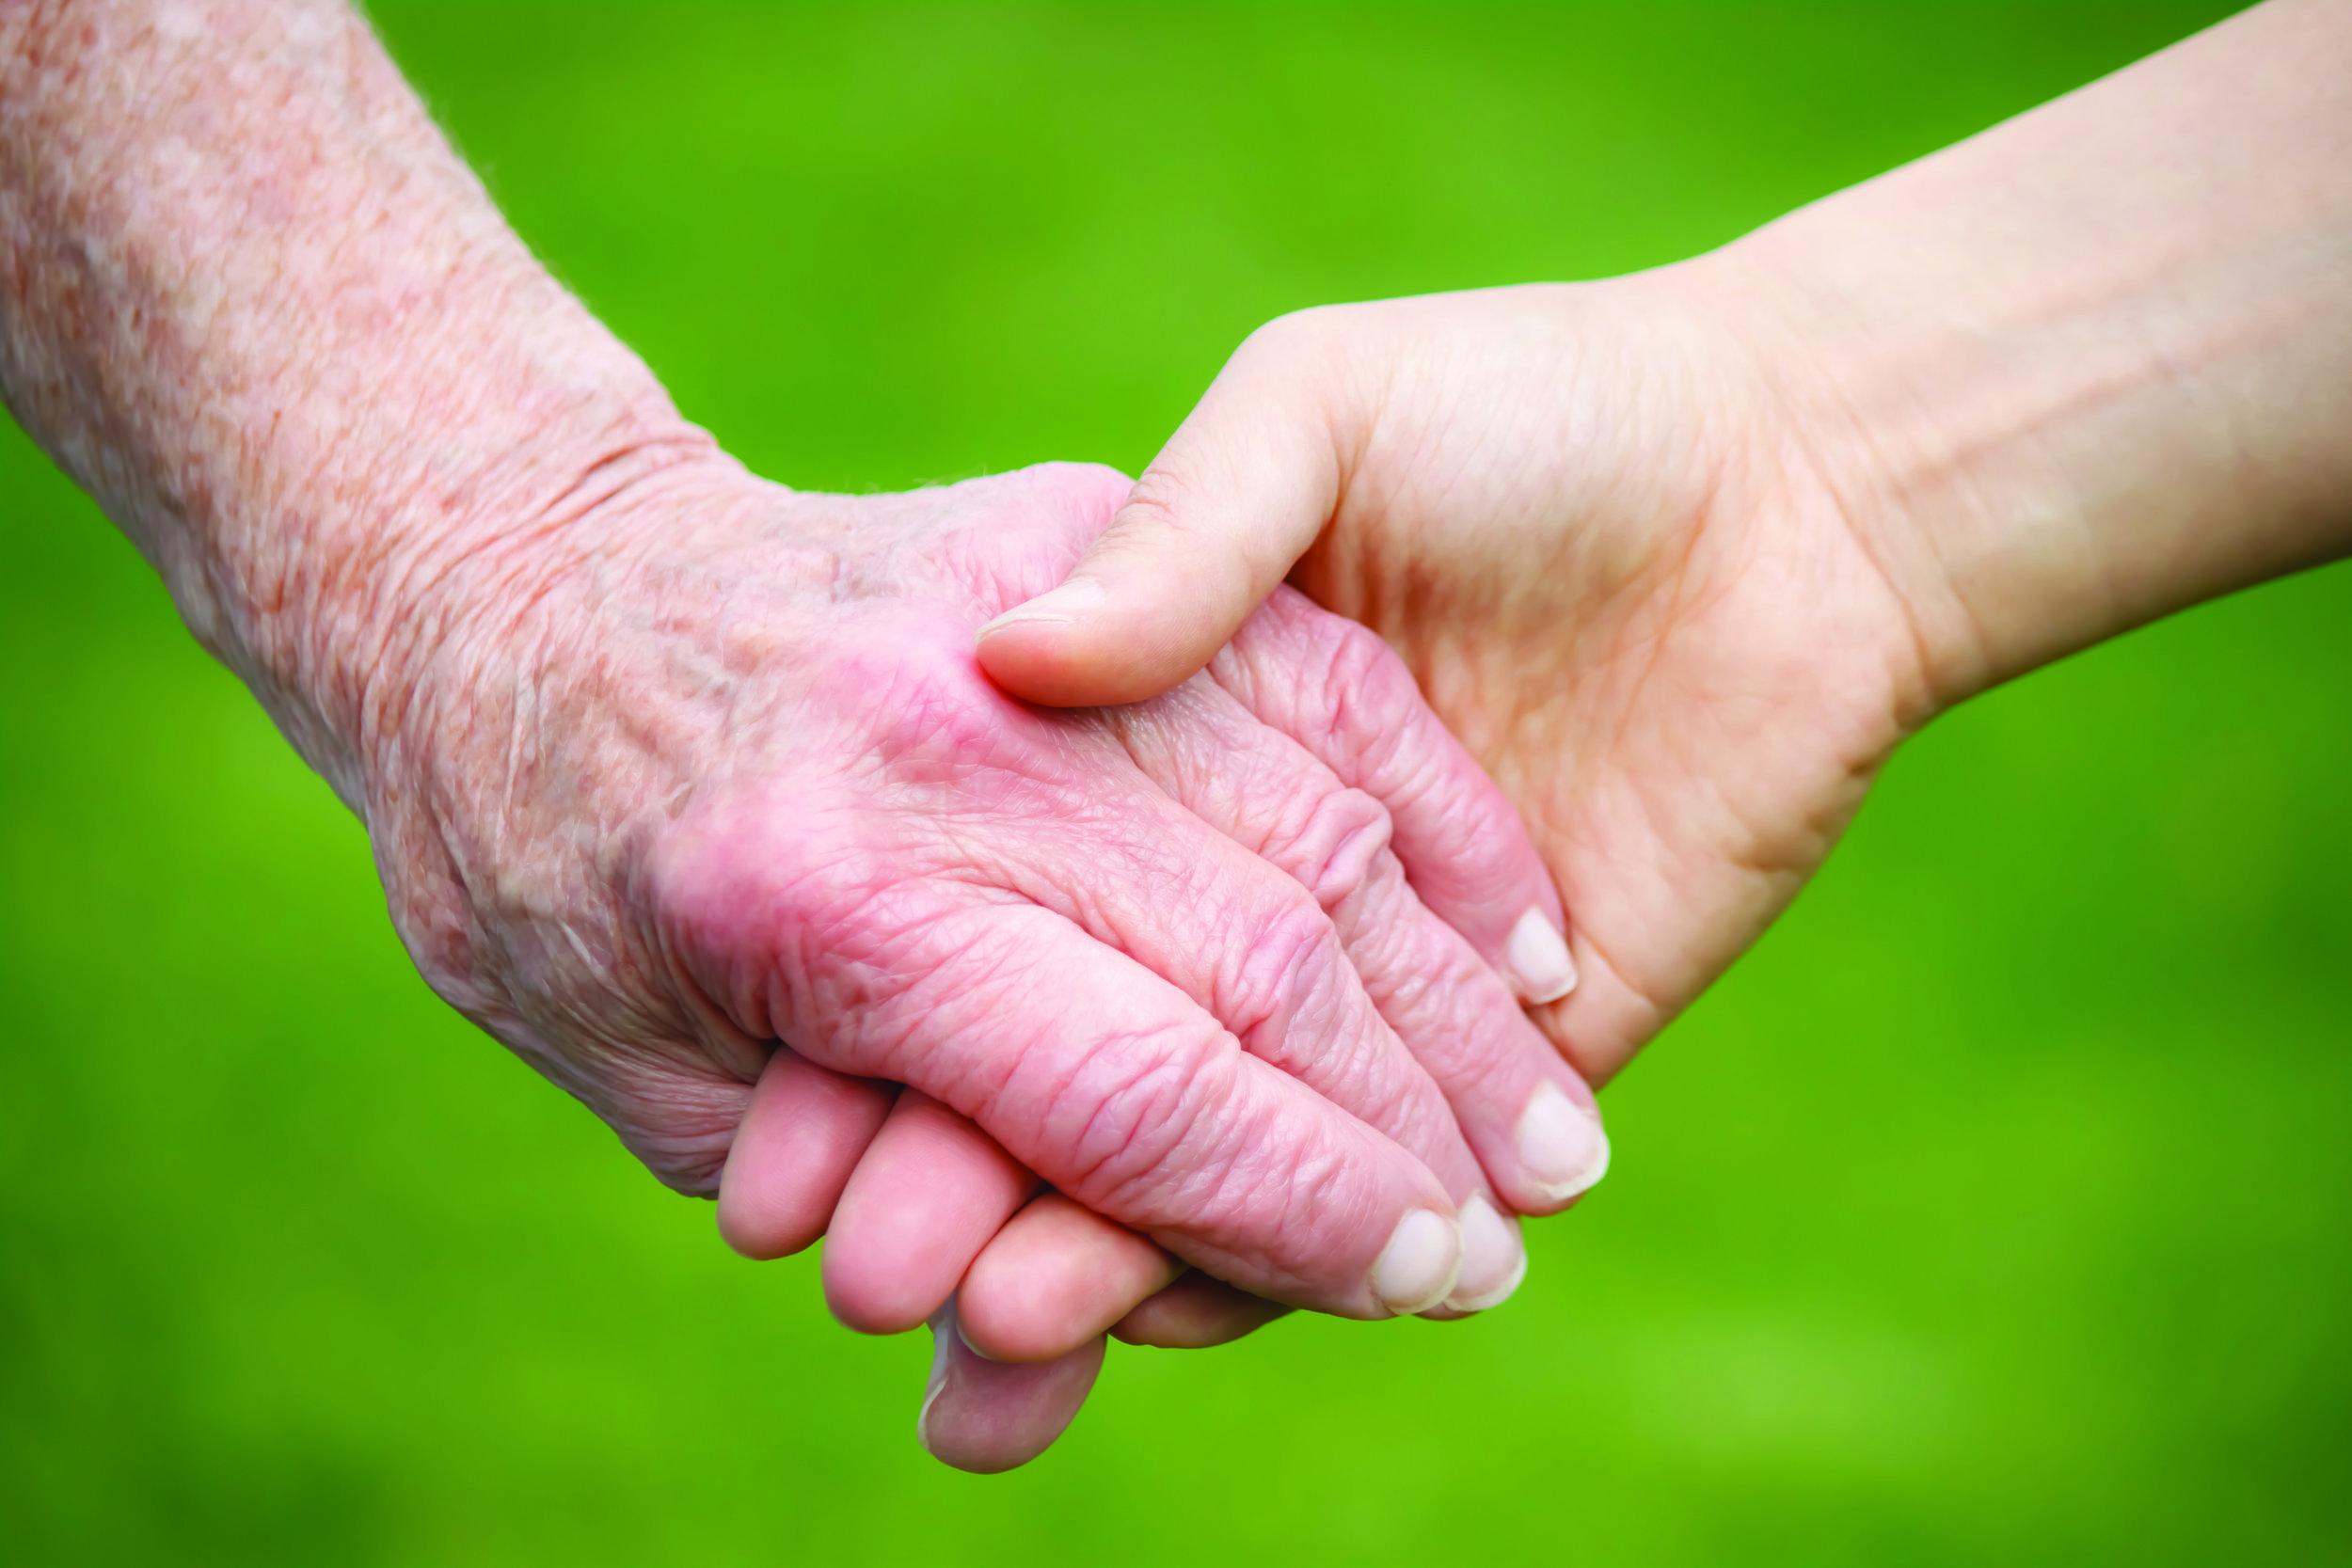 Oasis Senior Advisors Hands